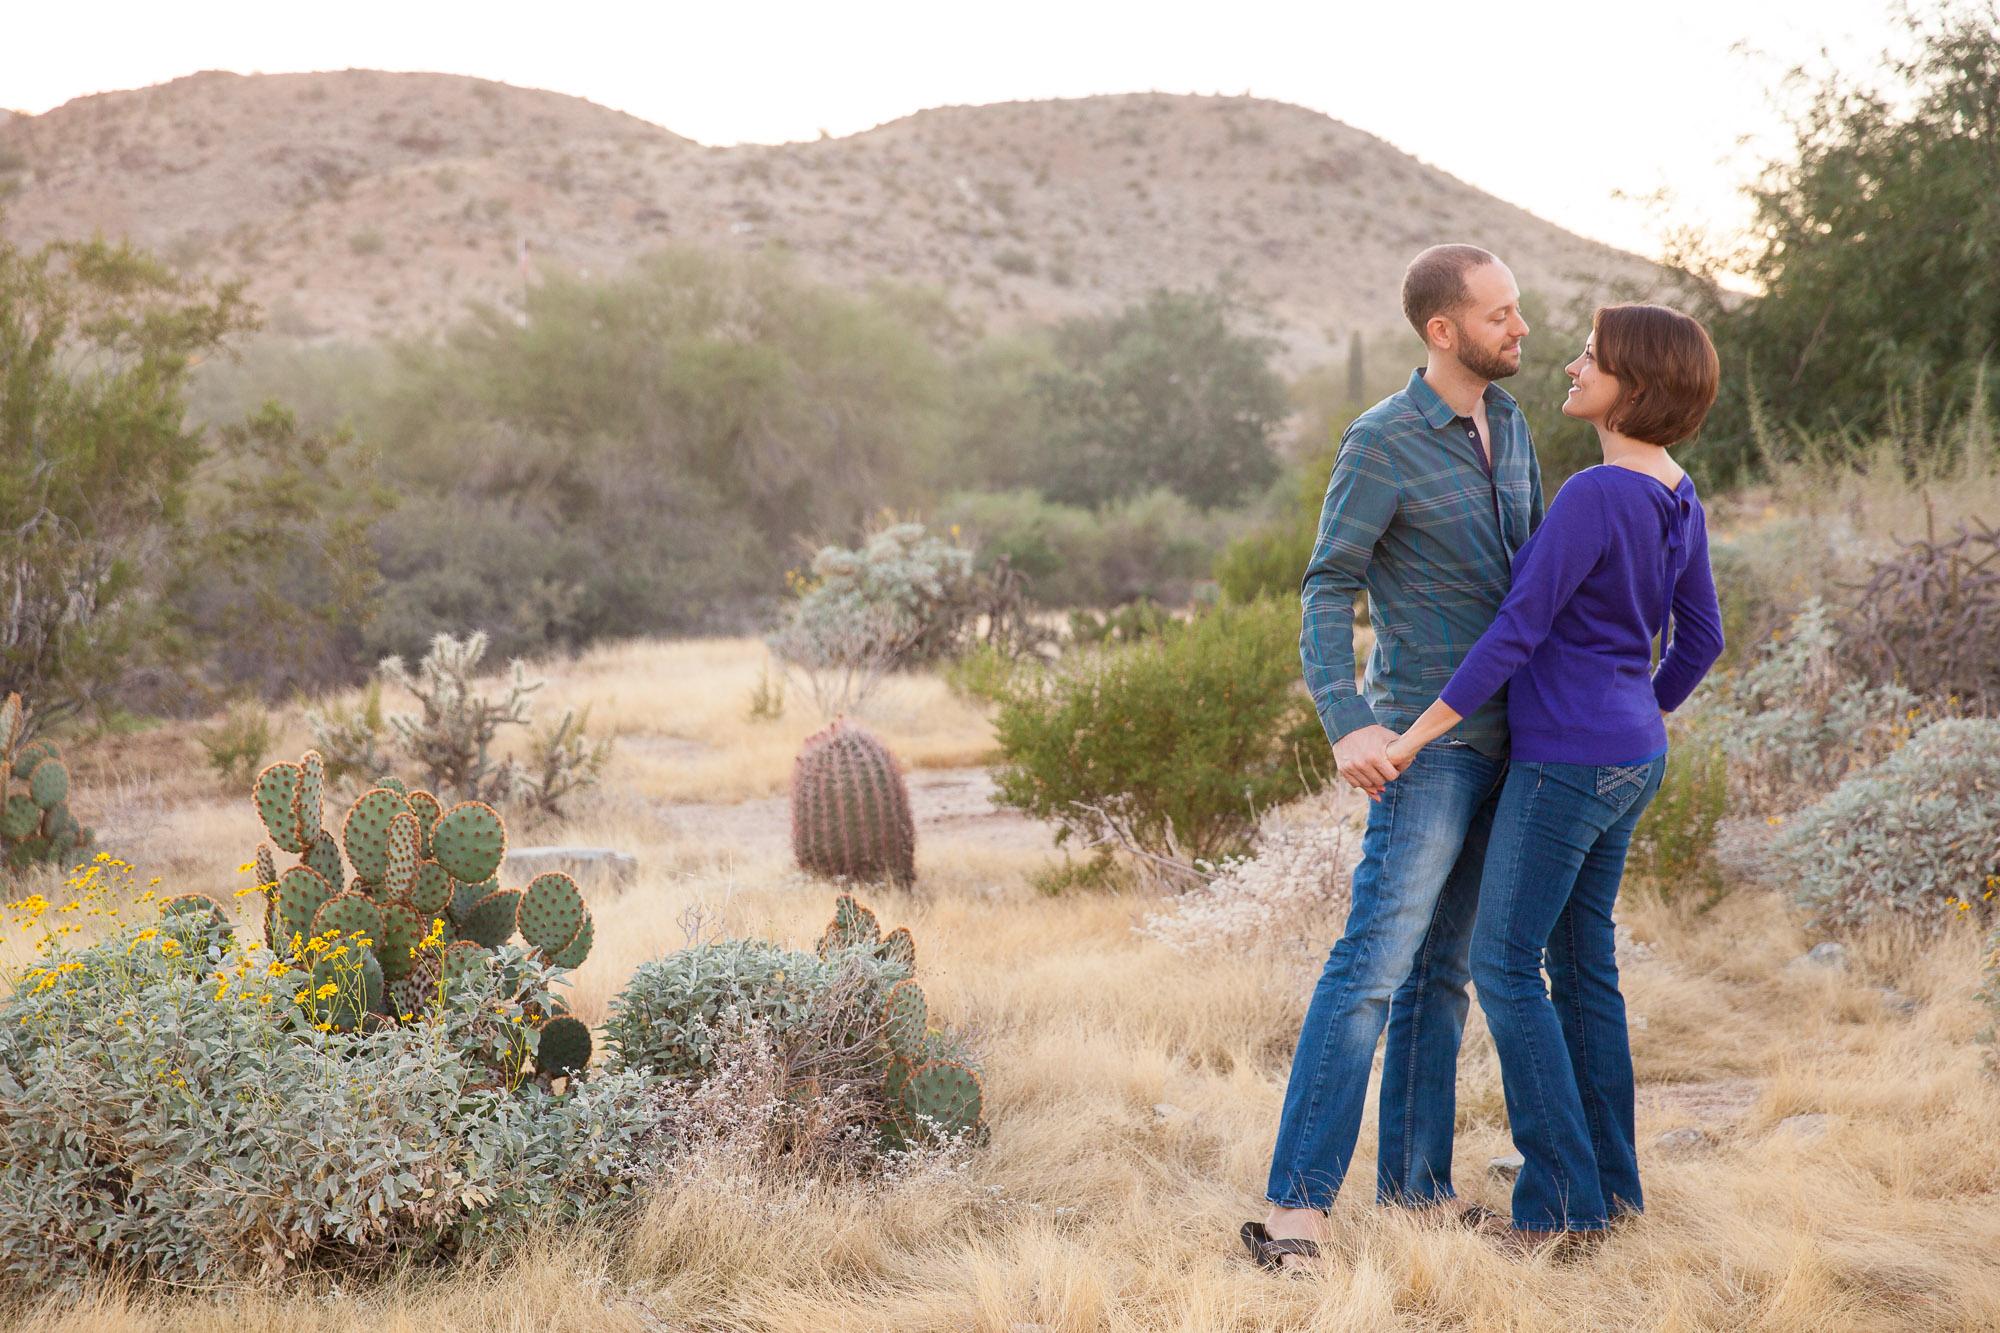 Phoenix Arizona Scorpion gulch South Mountain Engagement Photo